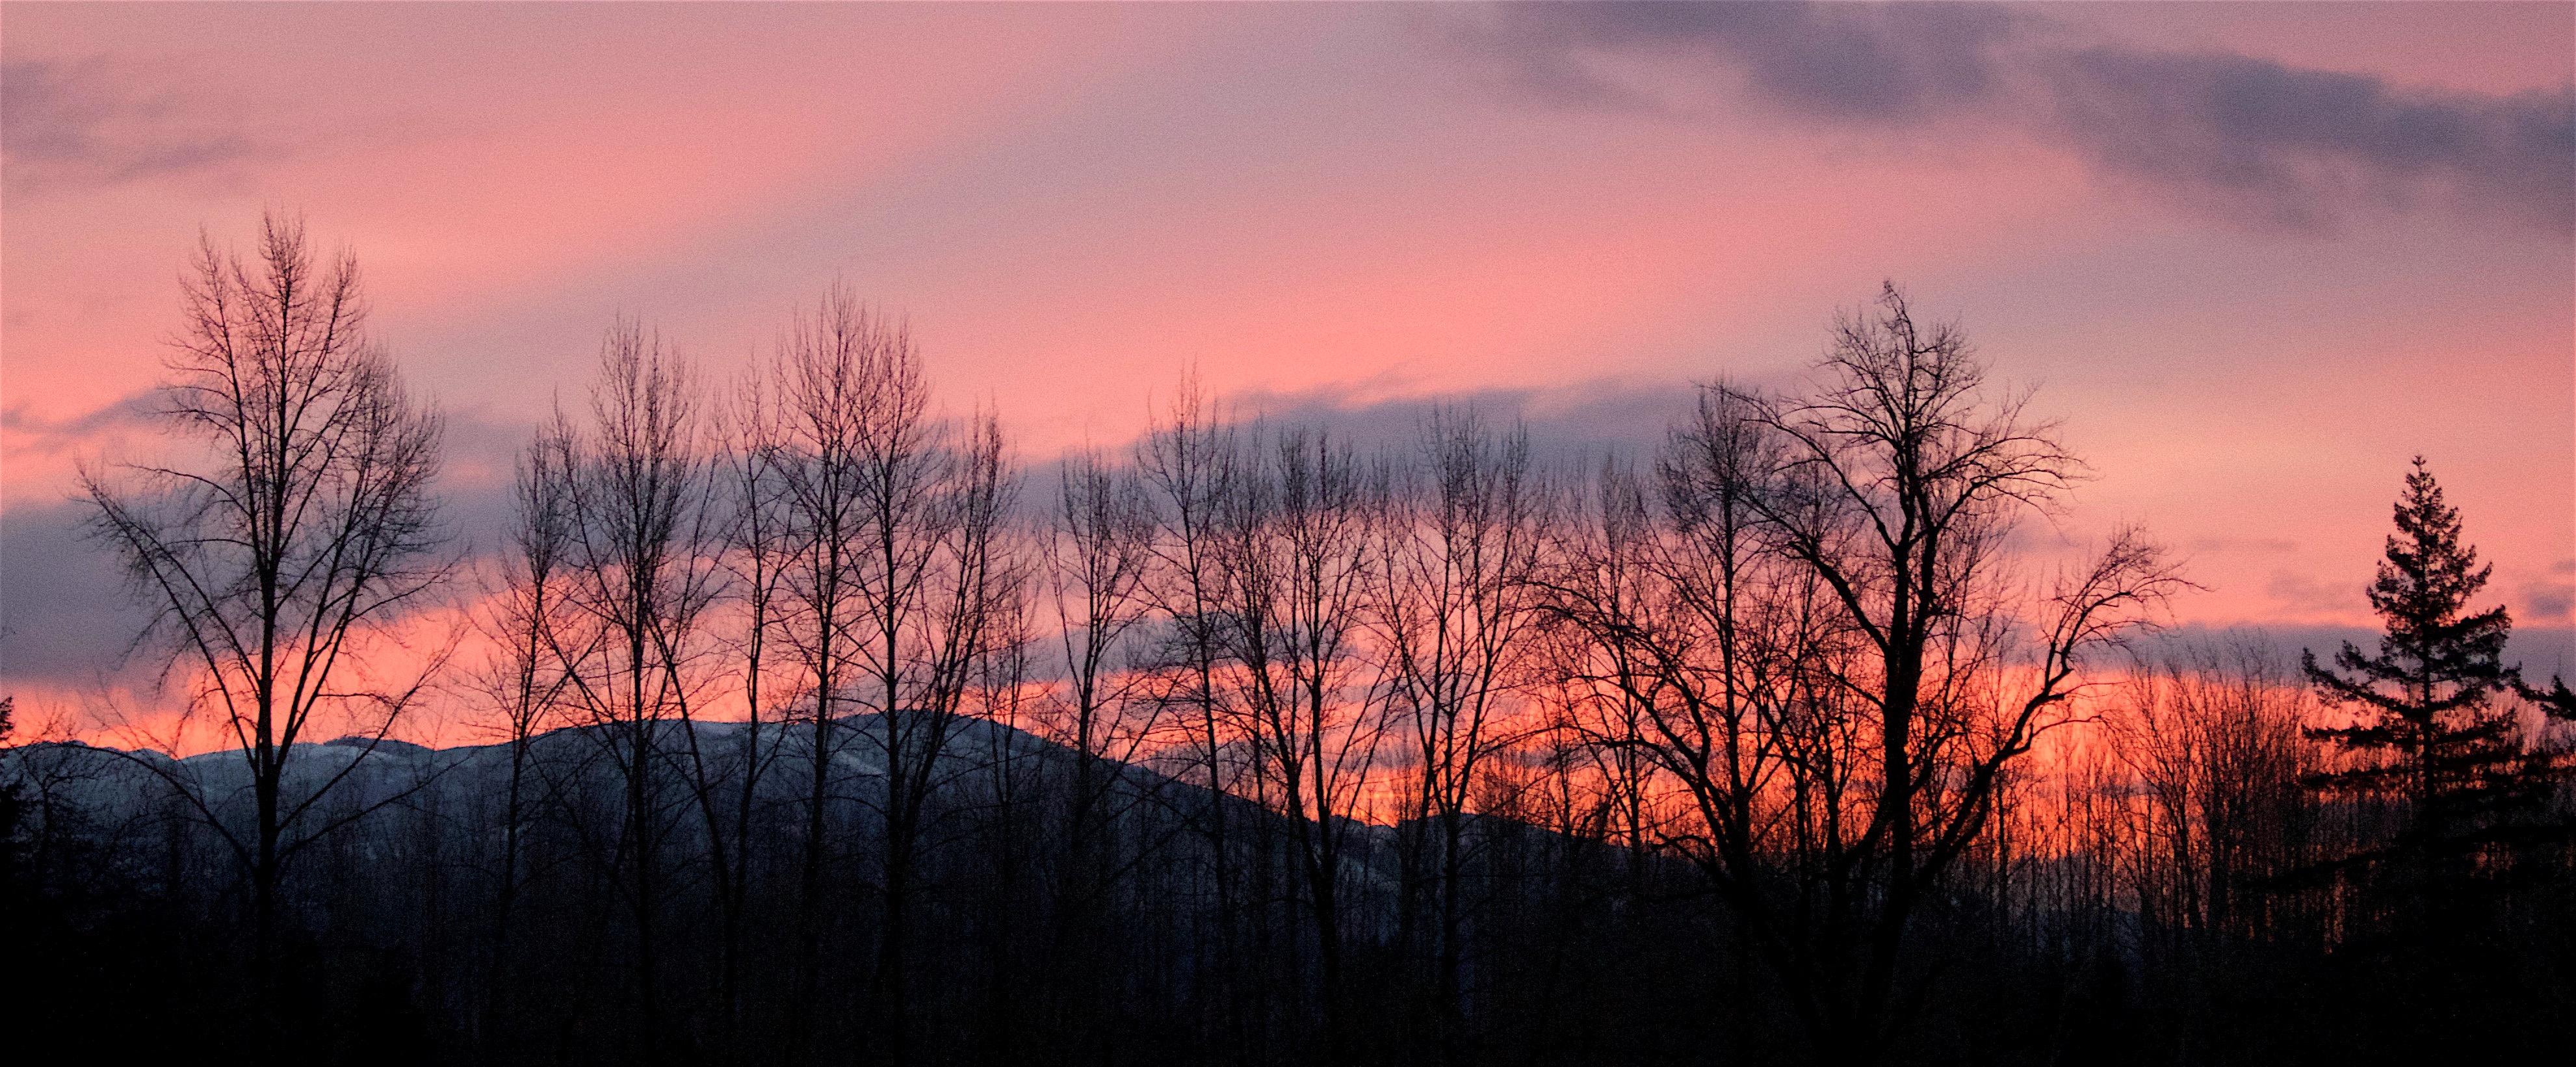 sunrise1226153